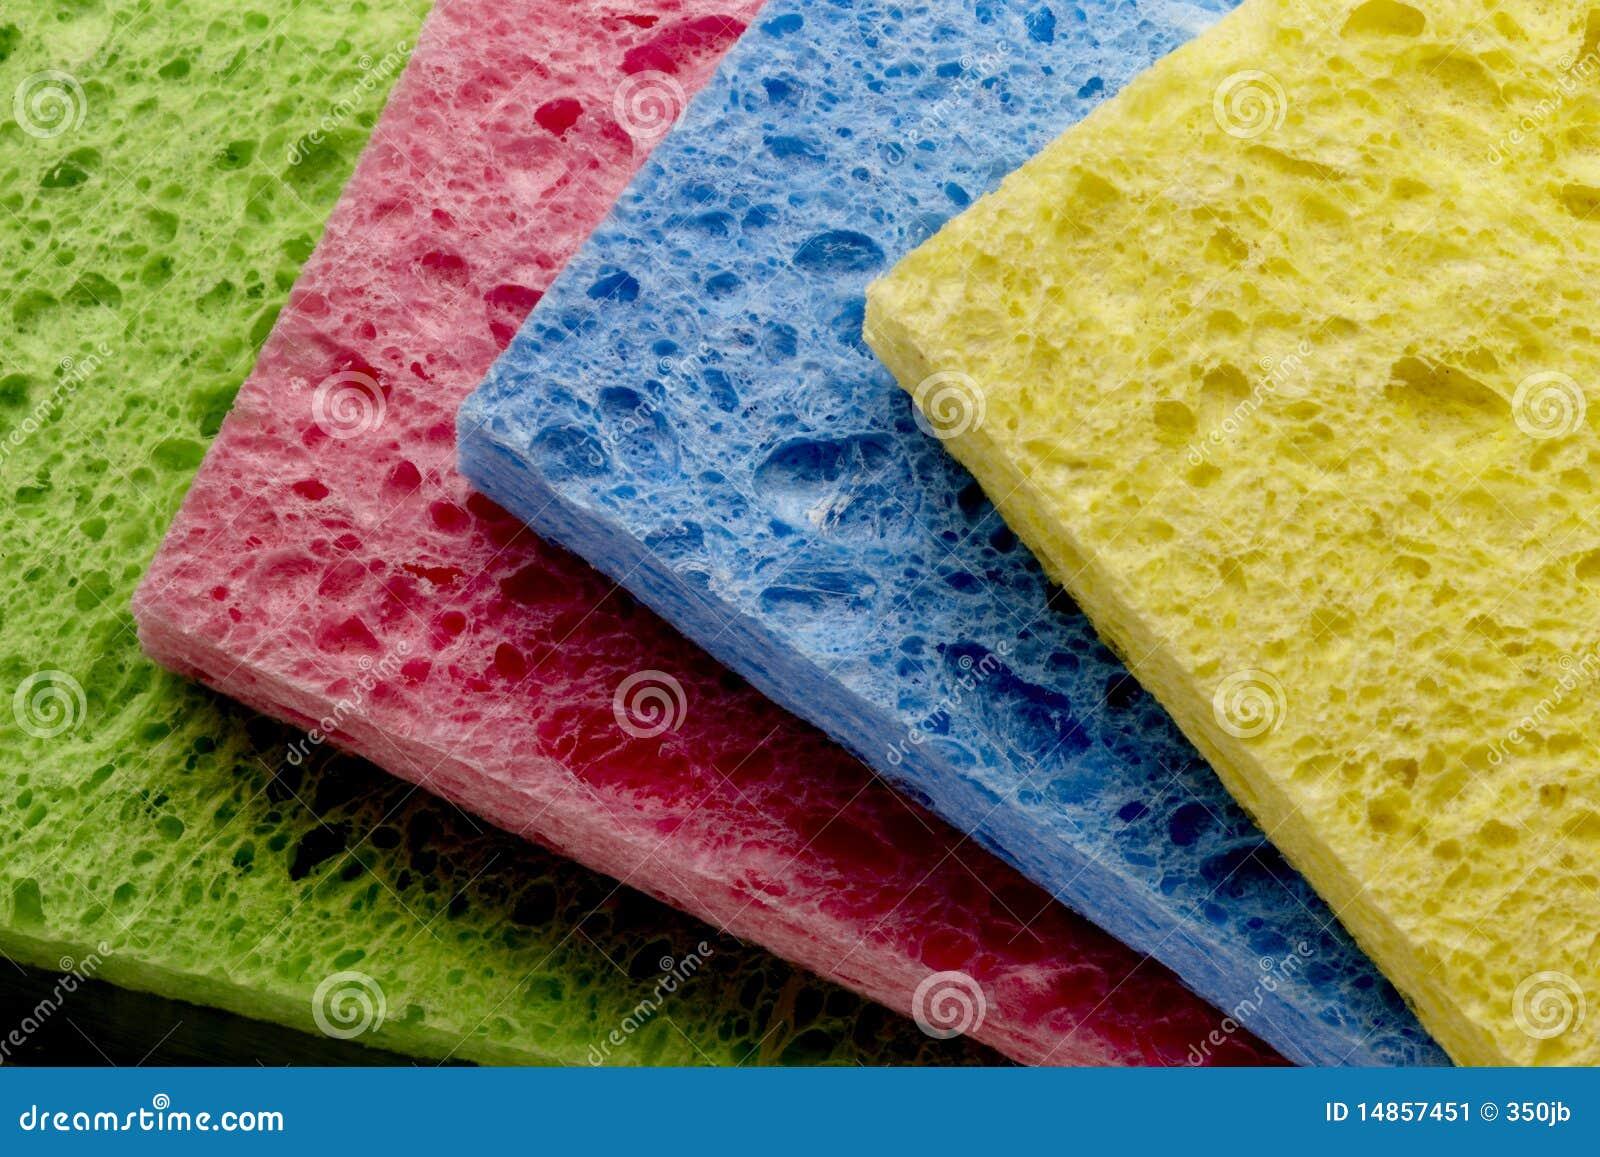 4 colorful sponges